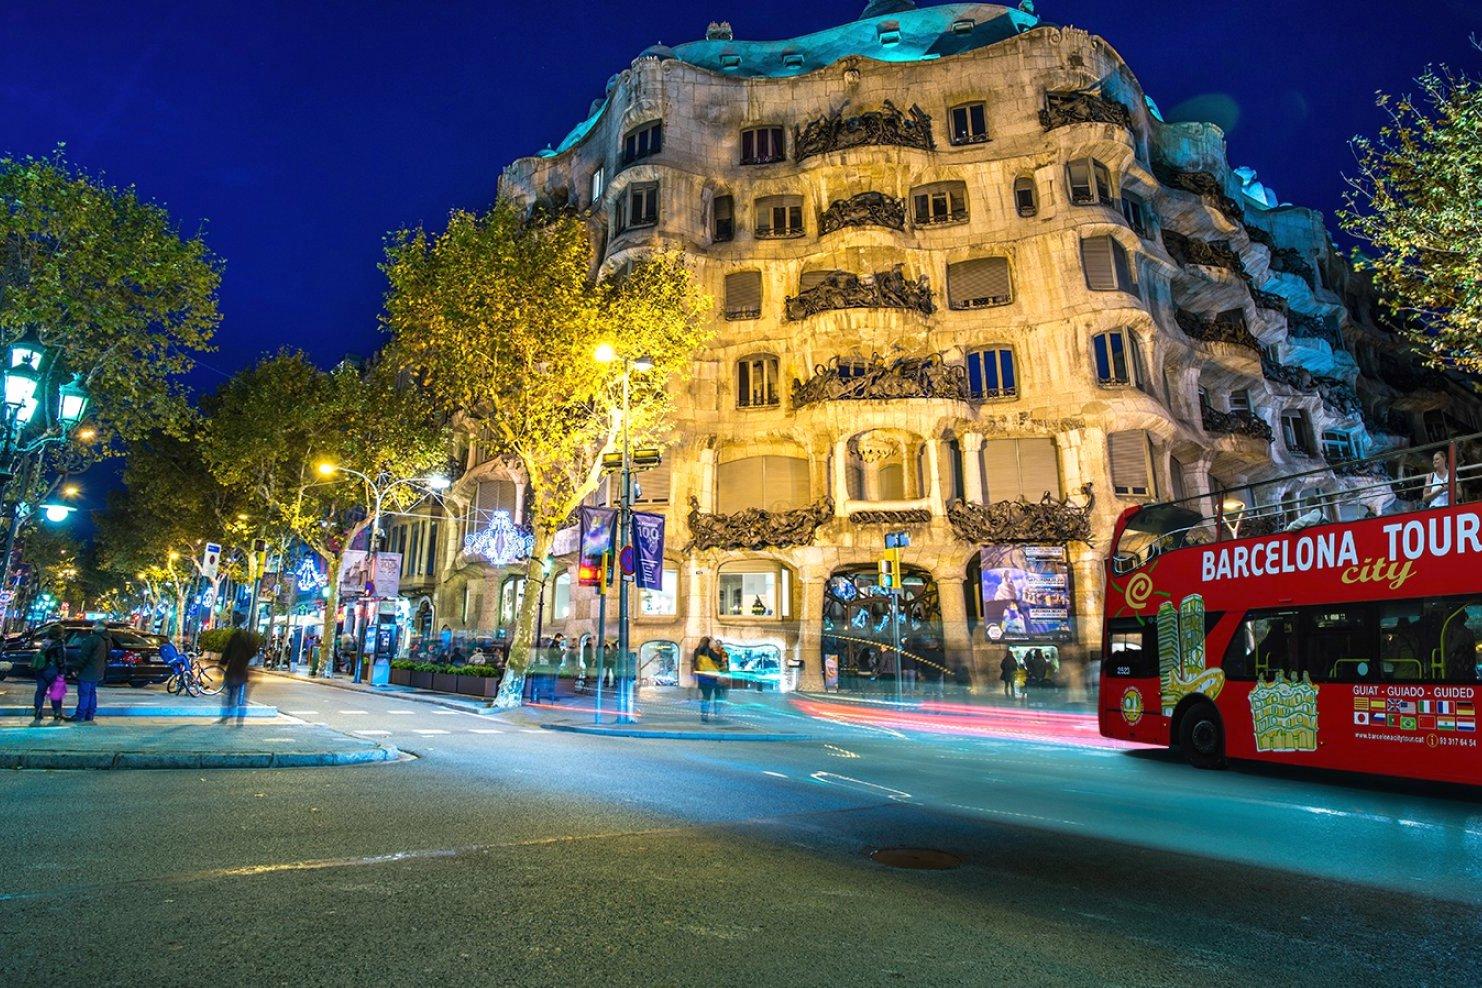 Барселона: Лайфхаки Барселоны, или 7 «полезностей» для туриста